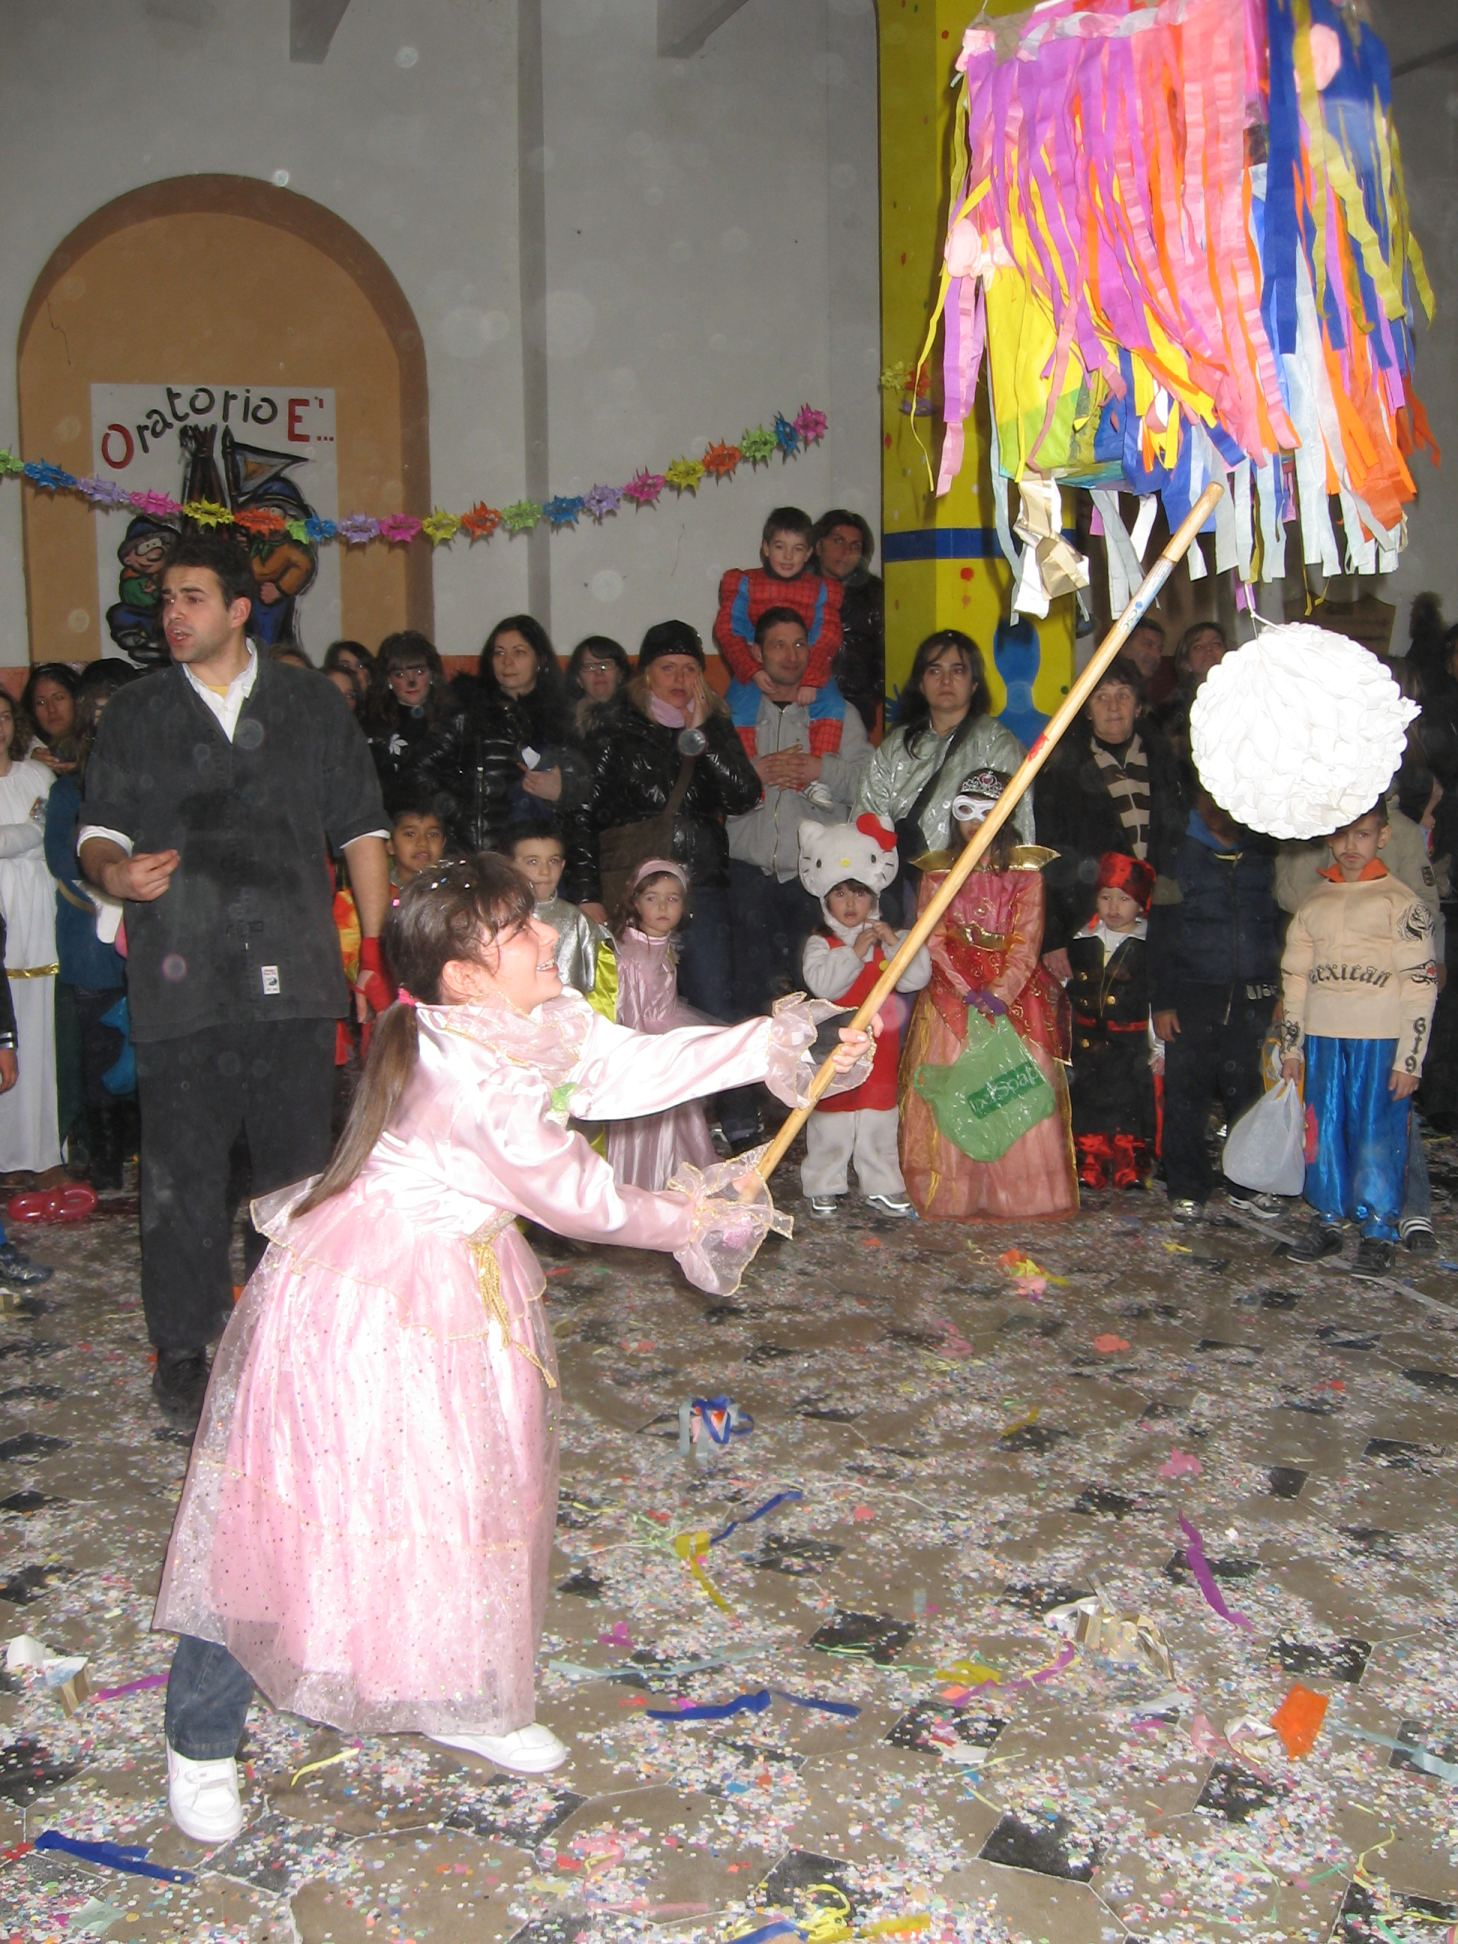 Pentolaccia-2010-02-14--17.47.16